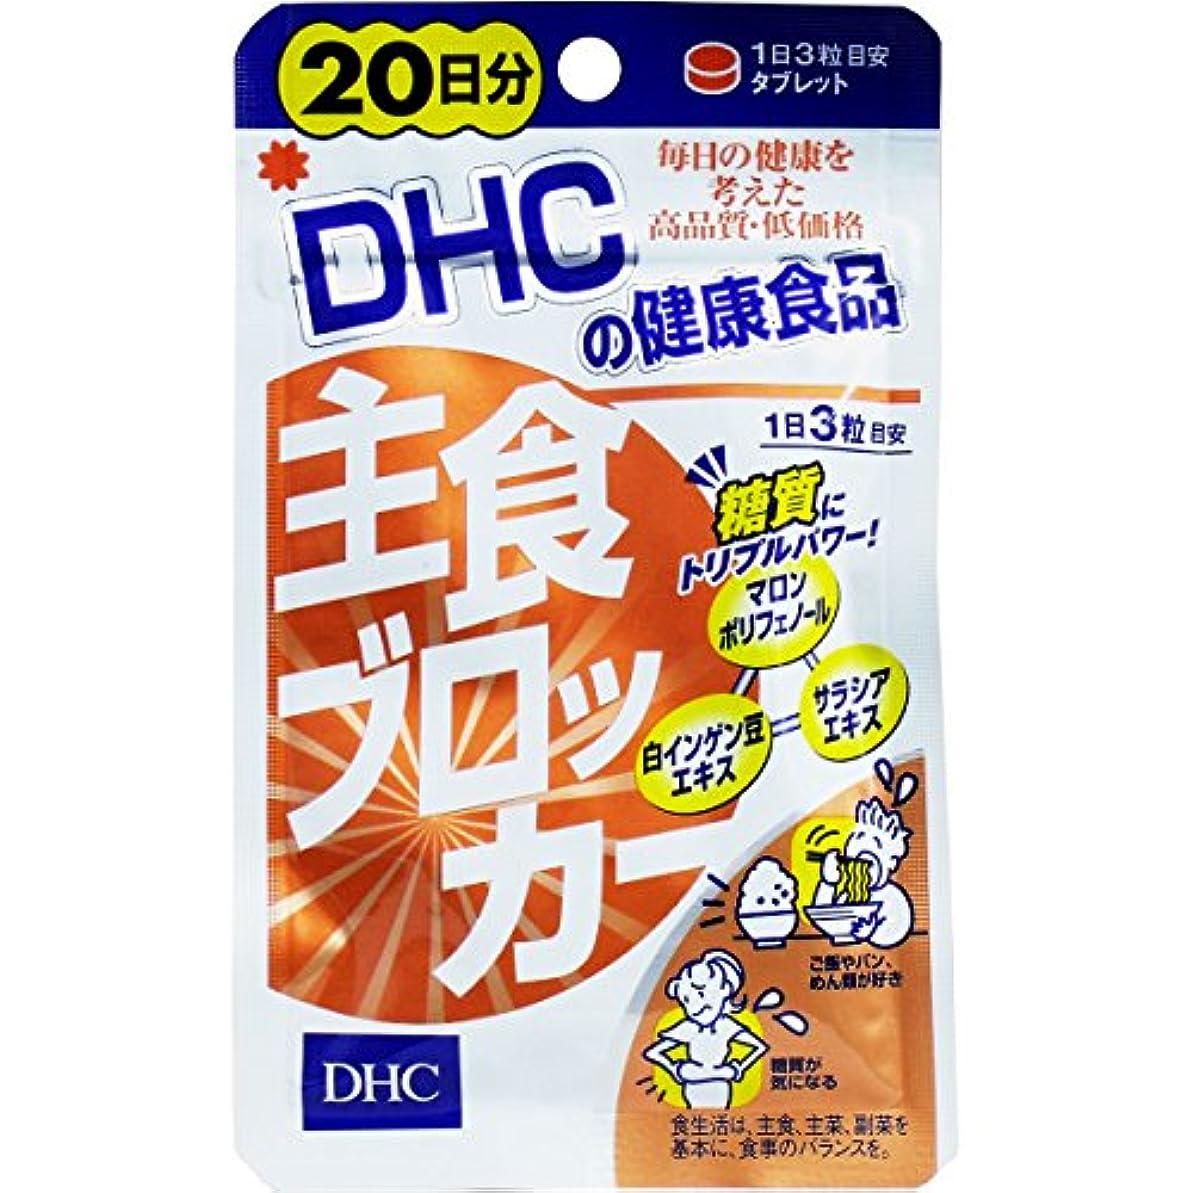 走る八百屋さん半球お得な6個セット 炭水化物が好きな方へオススメ DHC 主食ブロッカー 20日分(60粒)